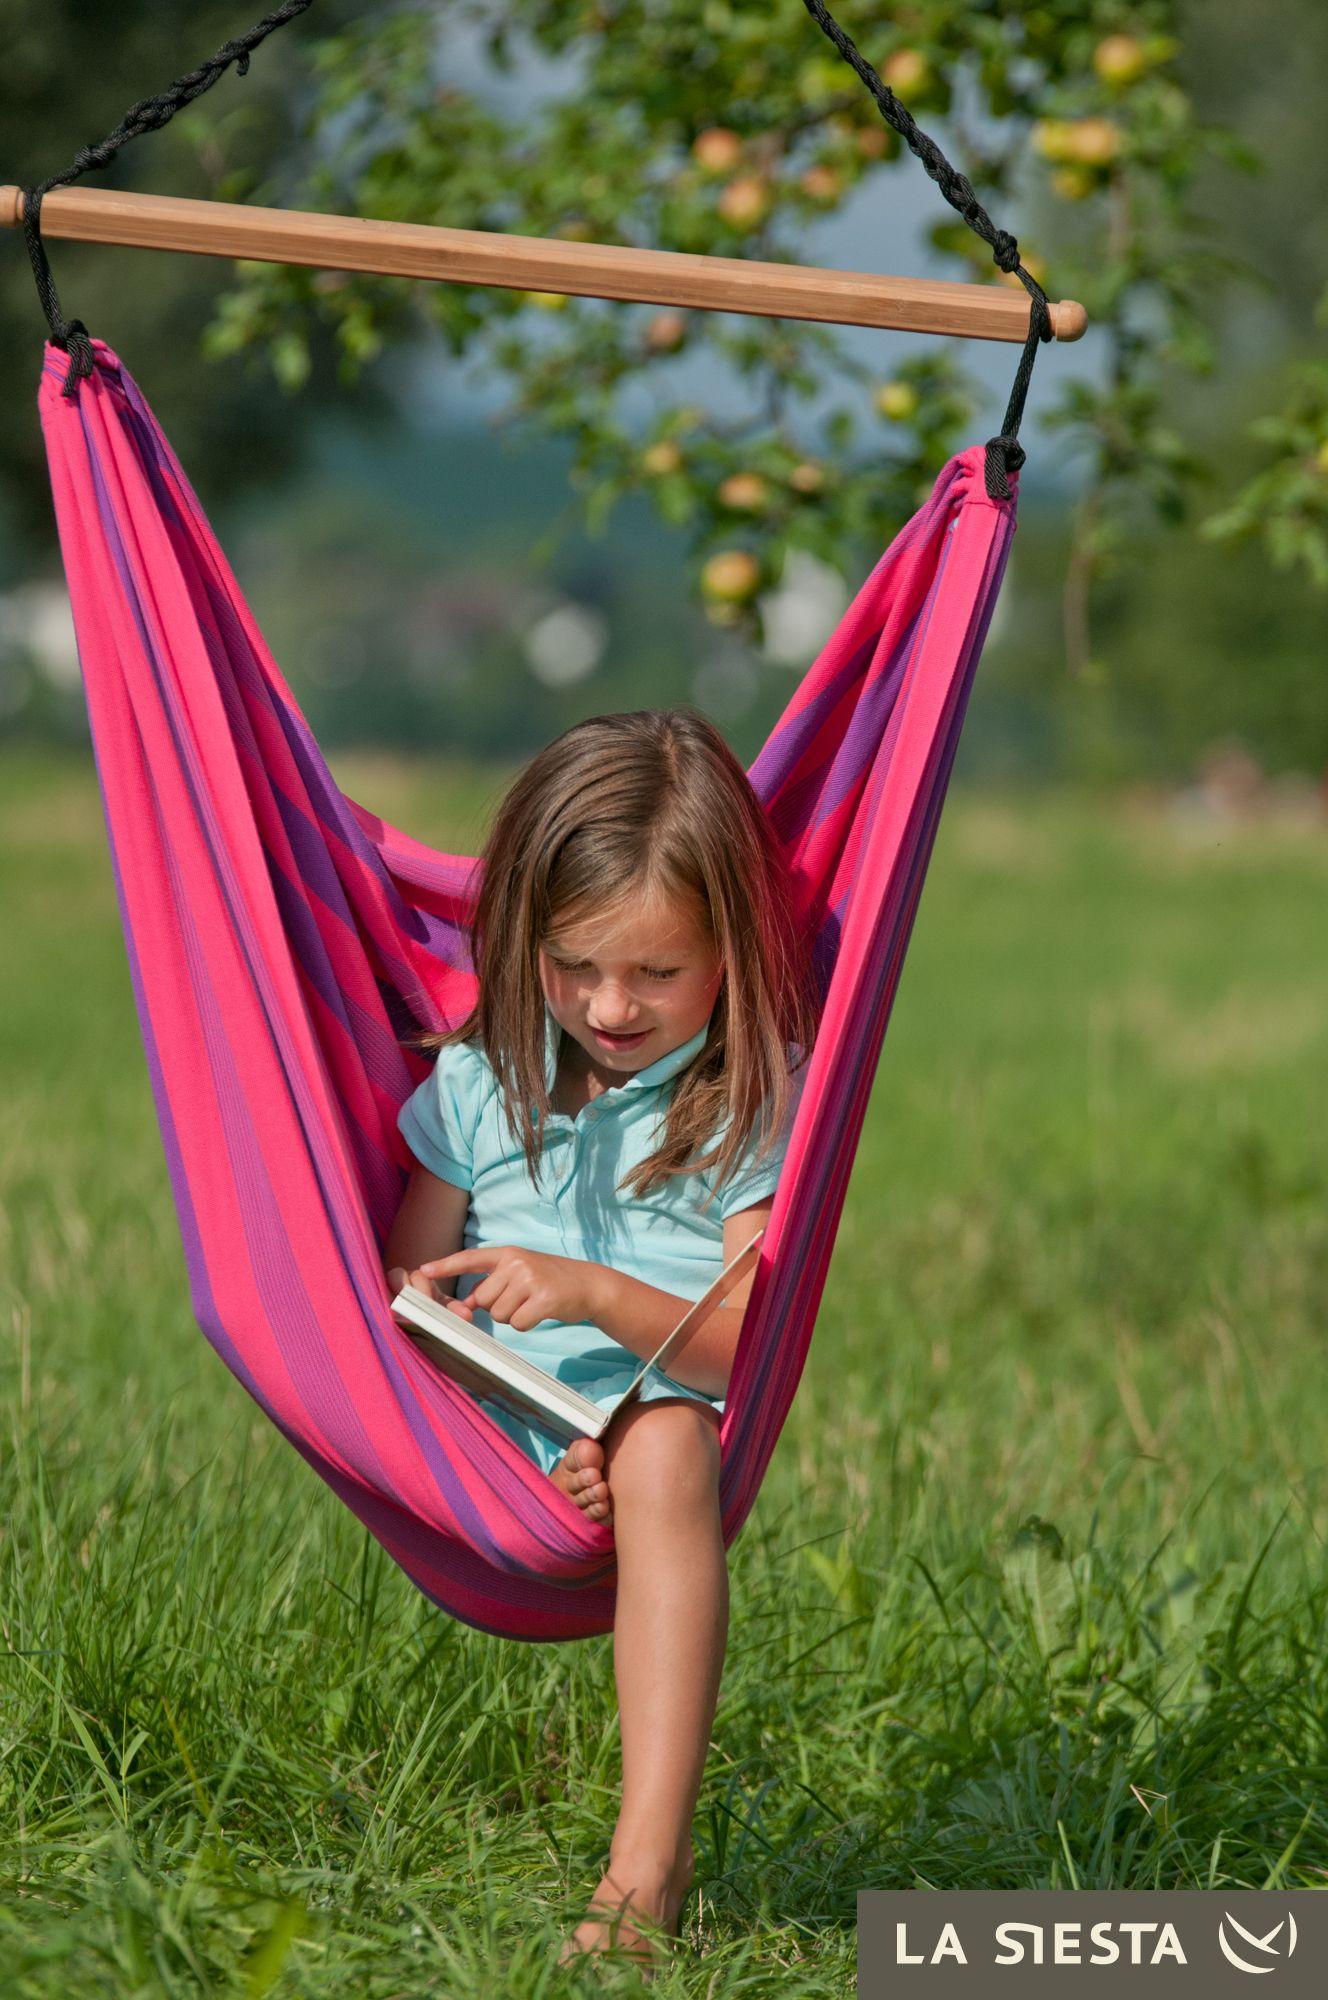 Easy safe chair hammock george karabelas karabelas karabelas